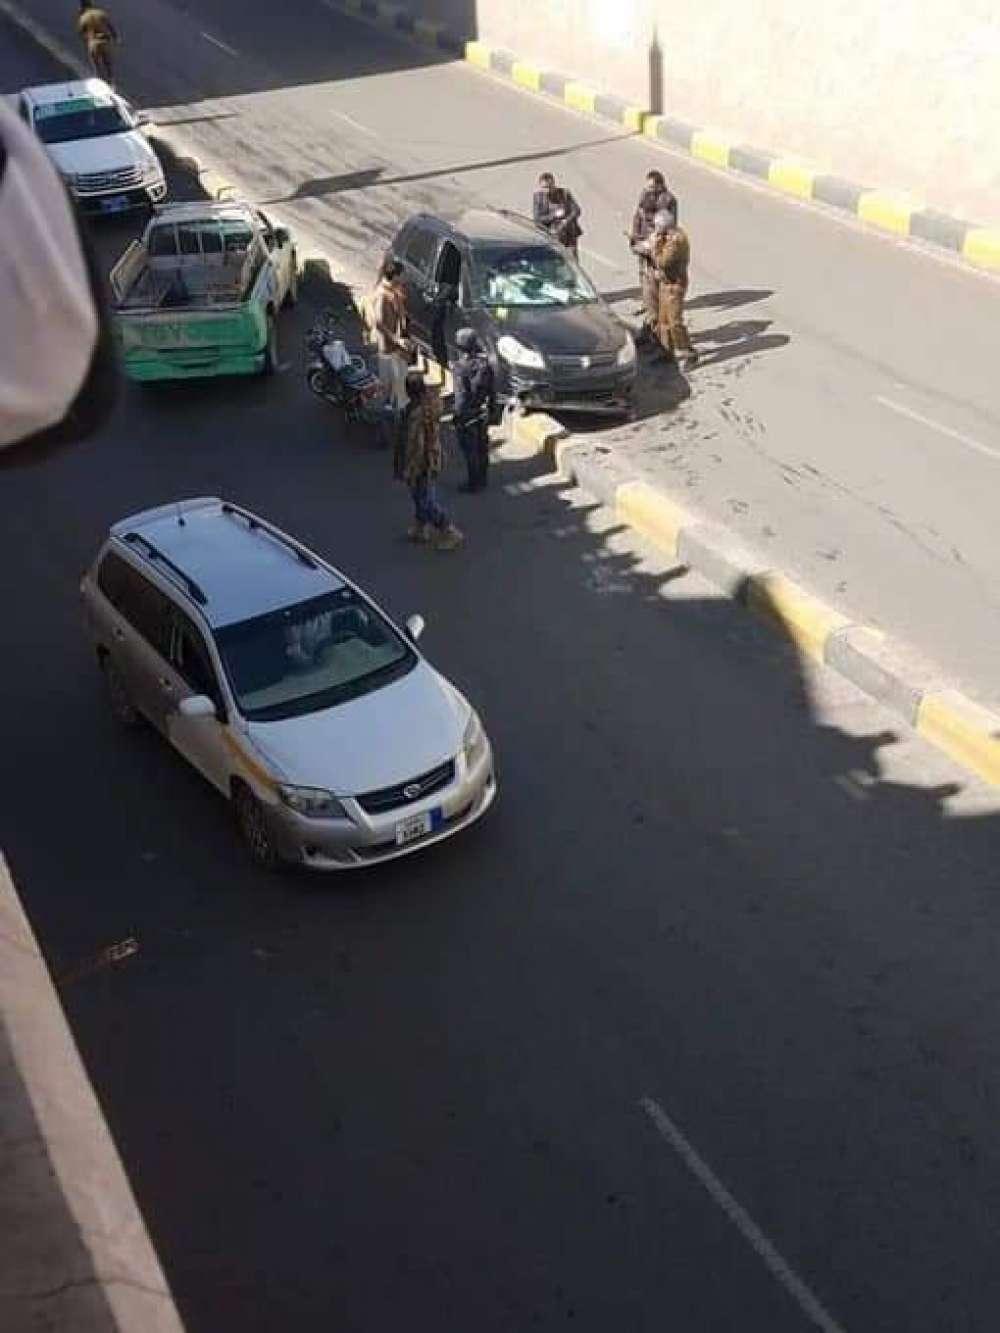 مقتل : اغتيال حسن زيد في العاصمة اليمنية صنعاء واخبار تتحدث عن اصابة ابنته نفيسة 1